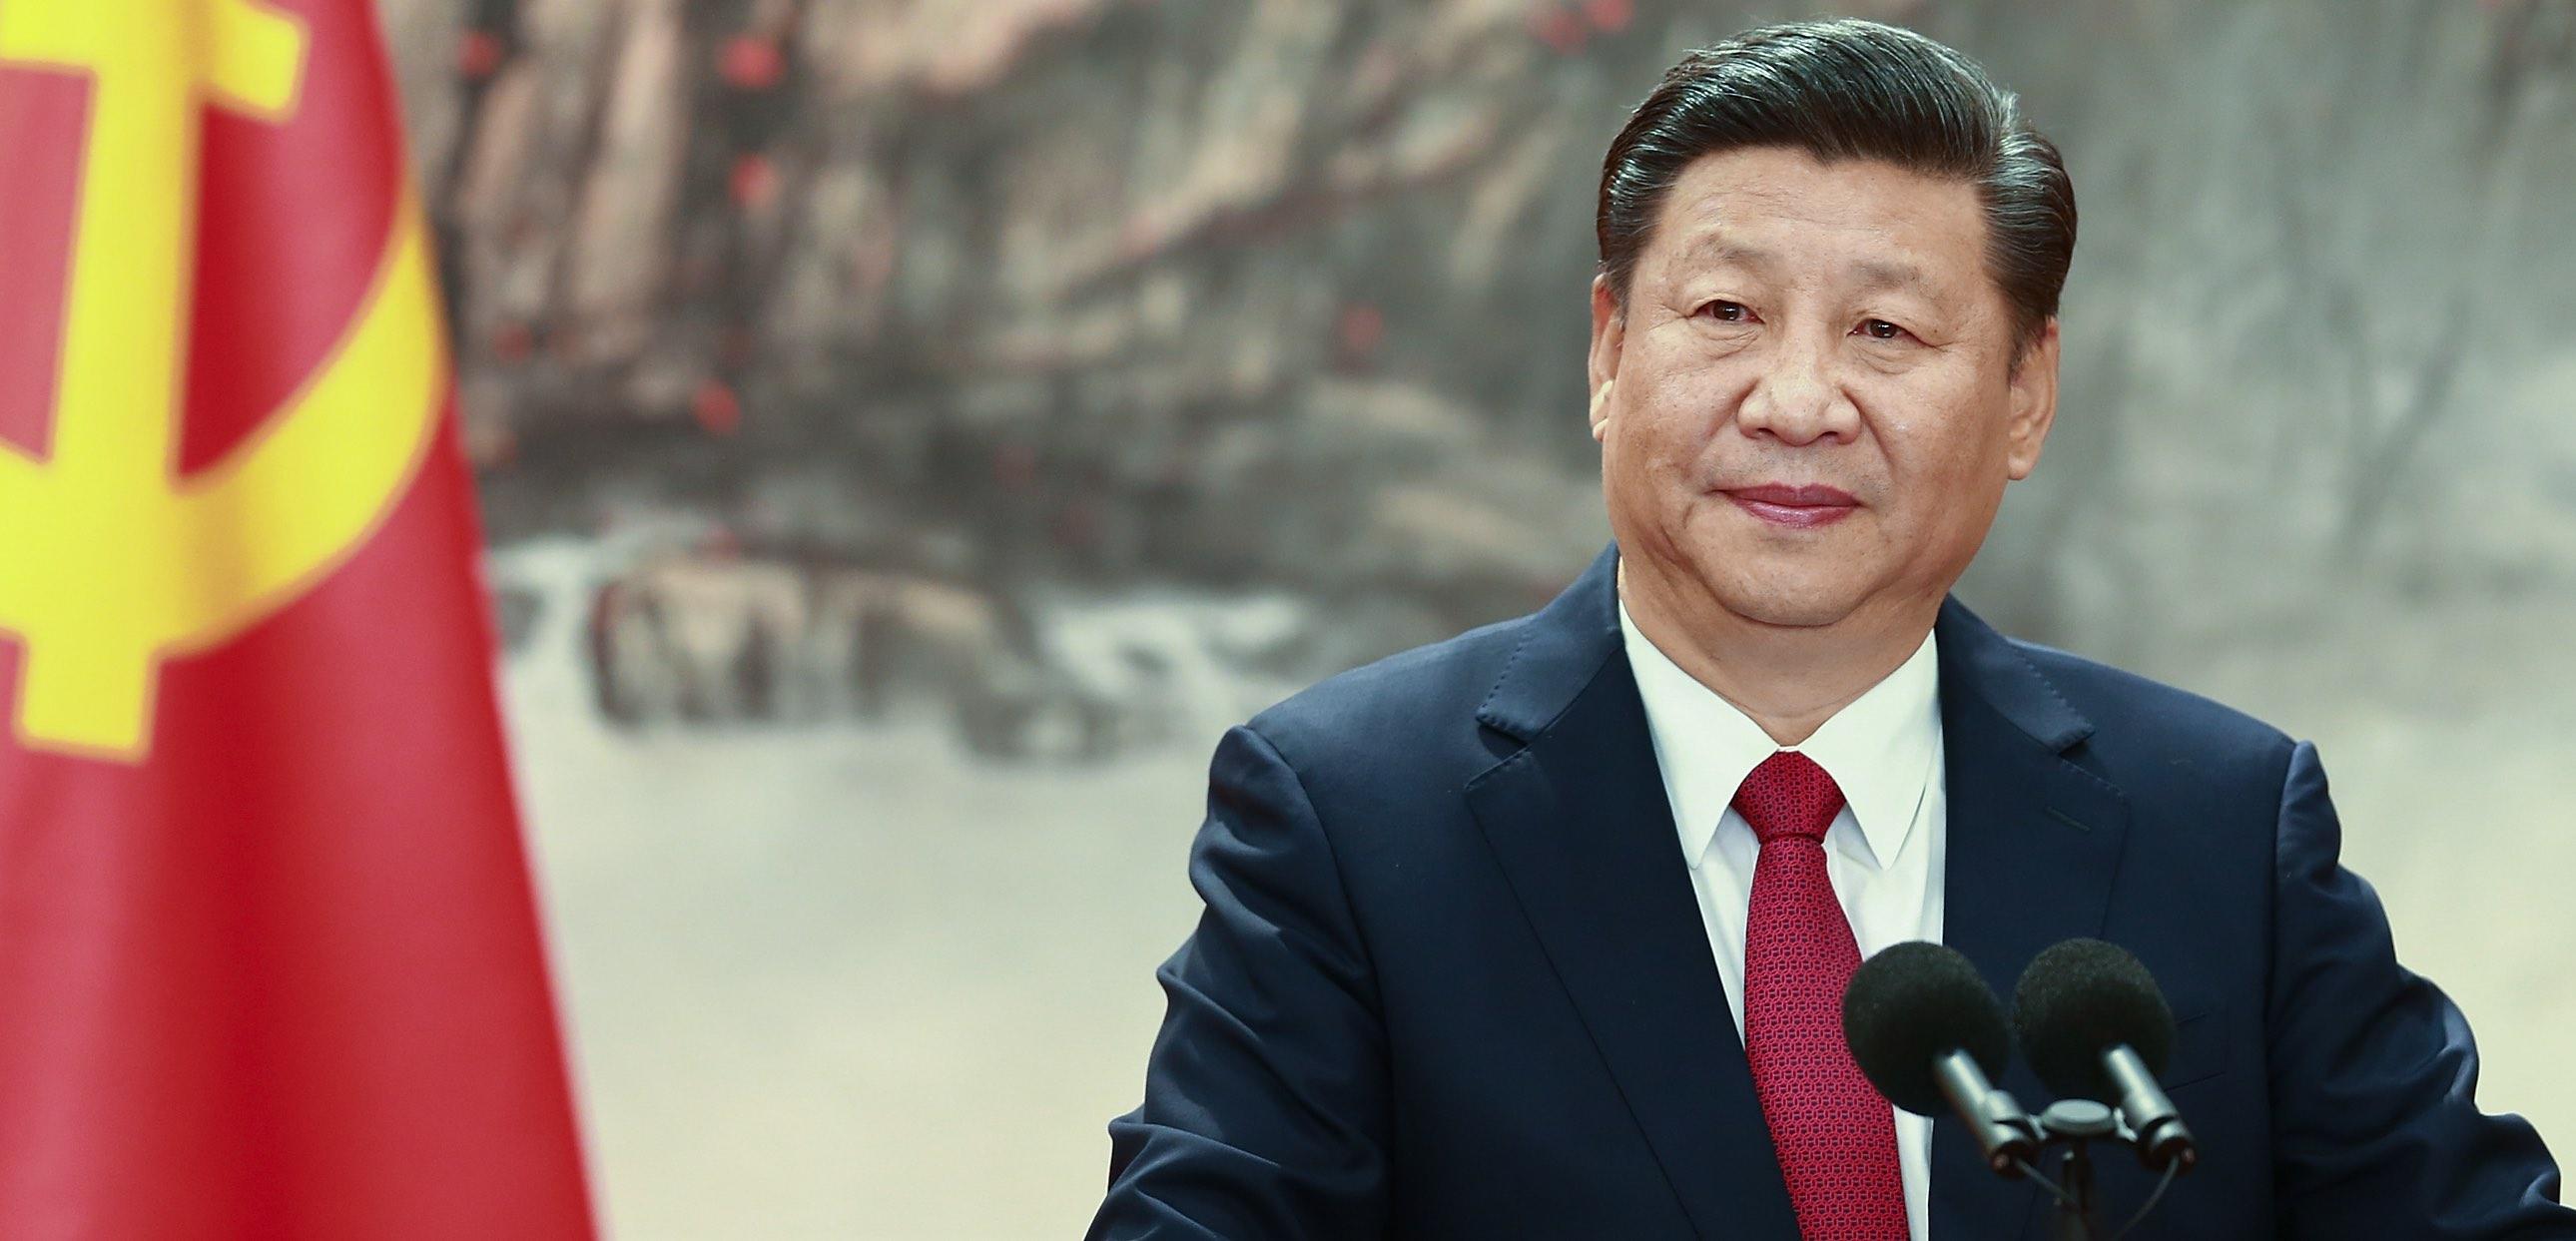 Chinese President Xi Jinping (Photo: Lintao Zhang/Getty)